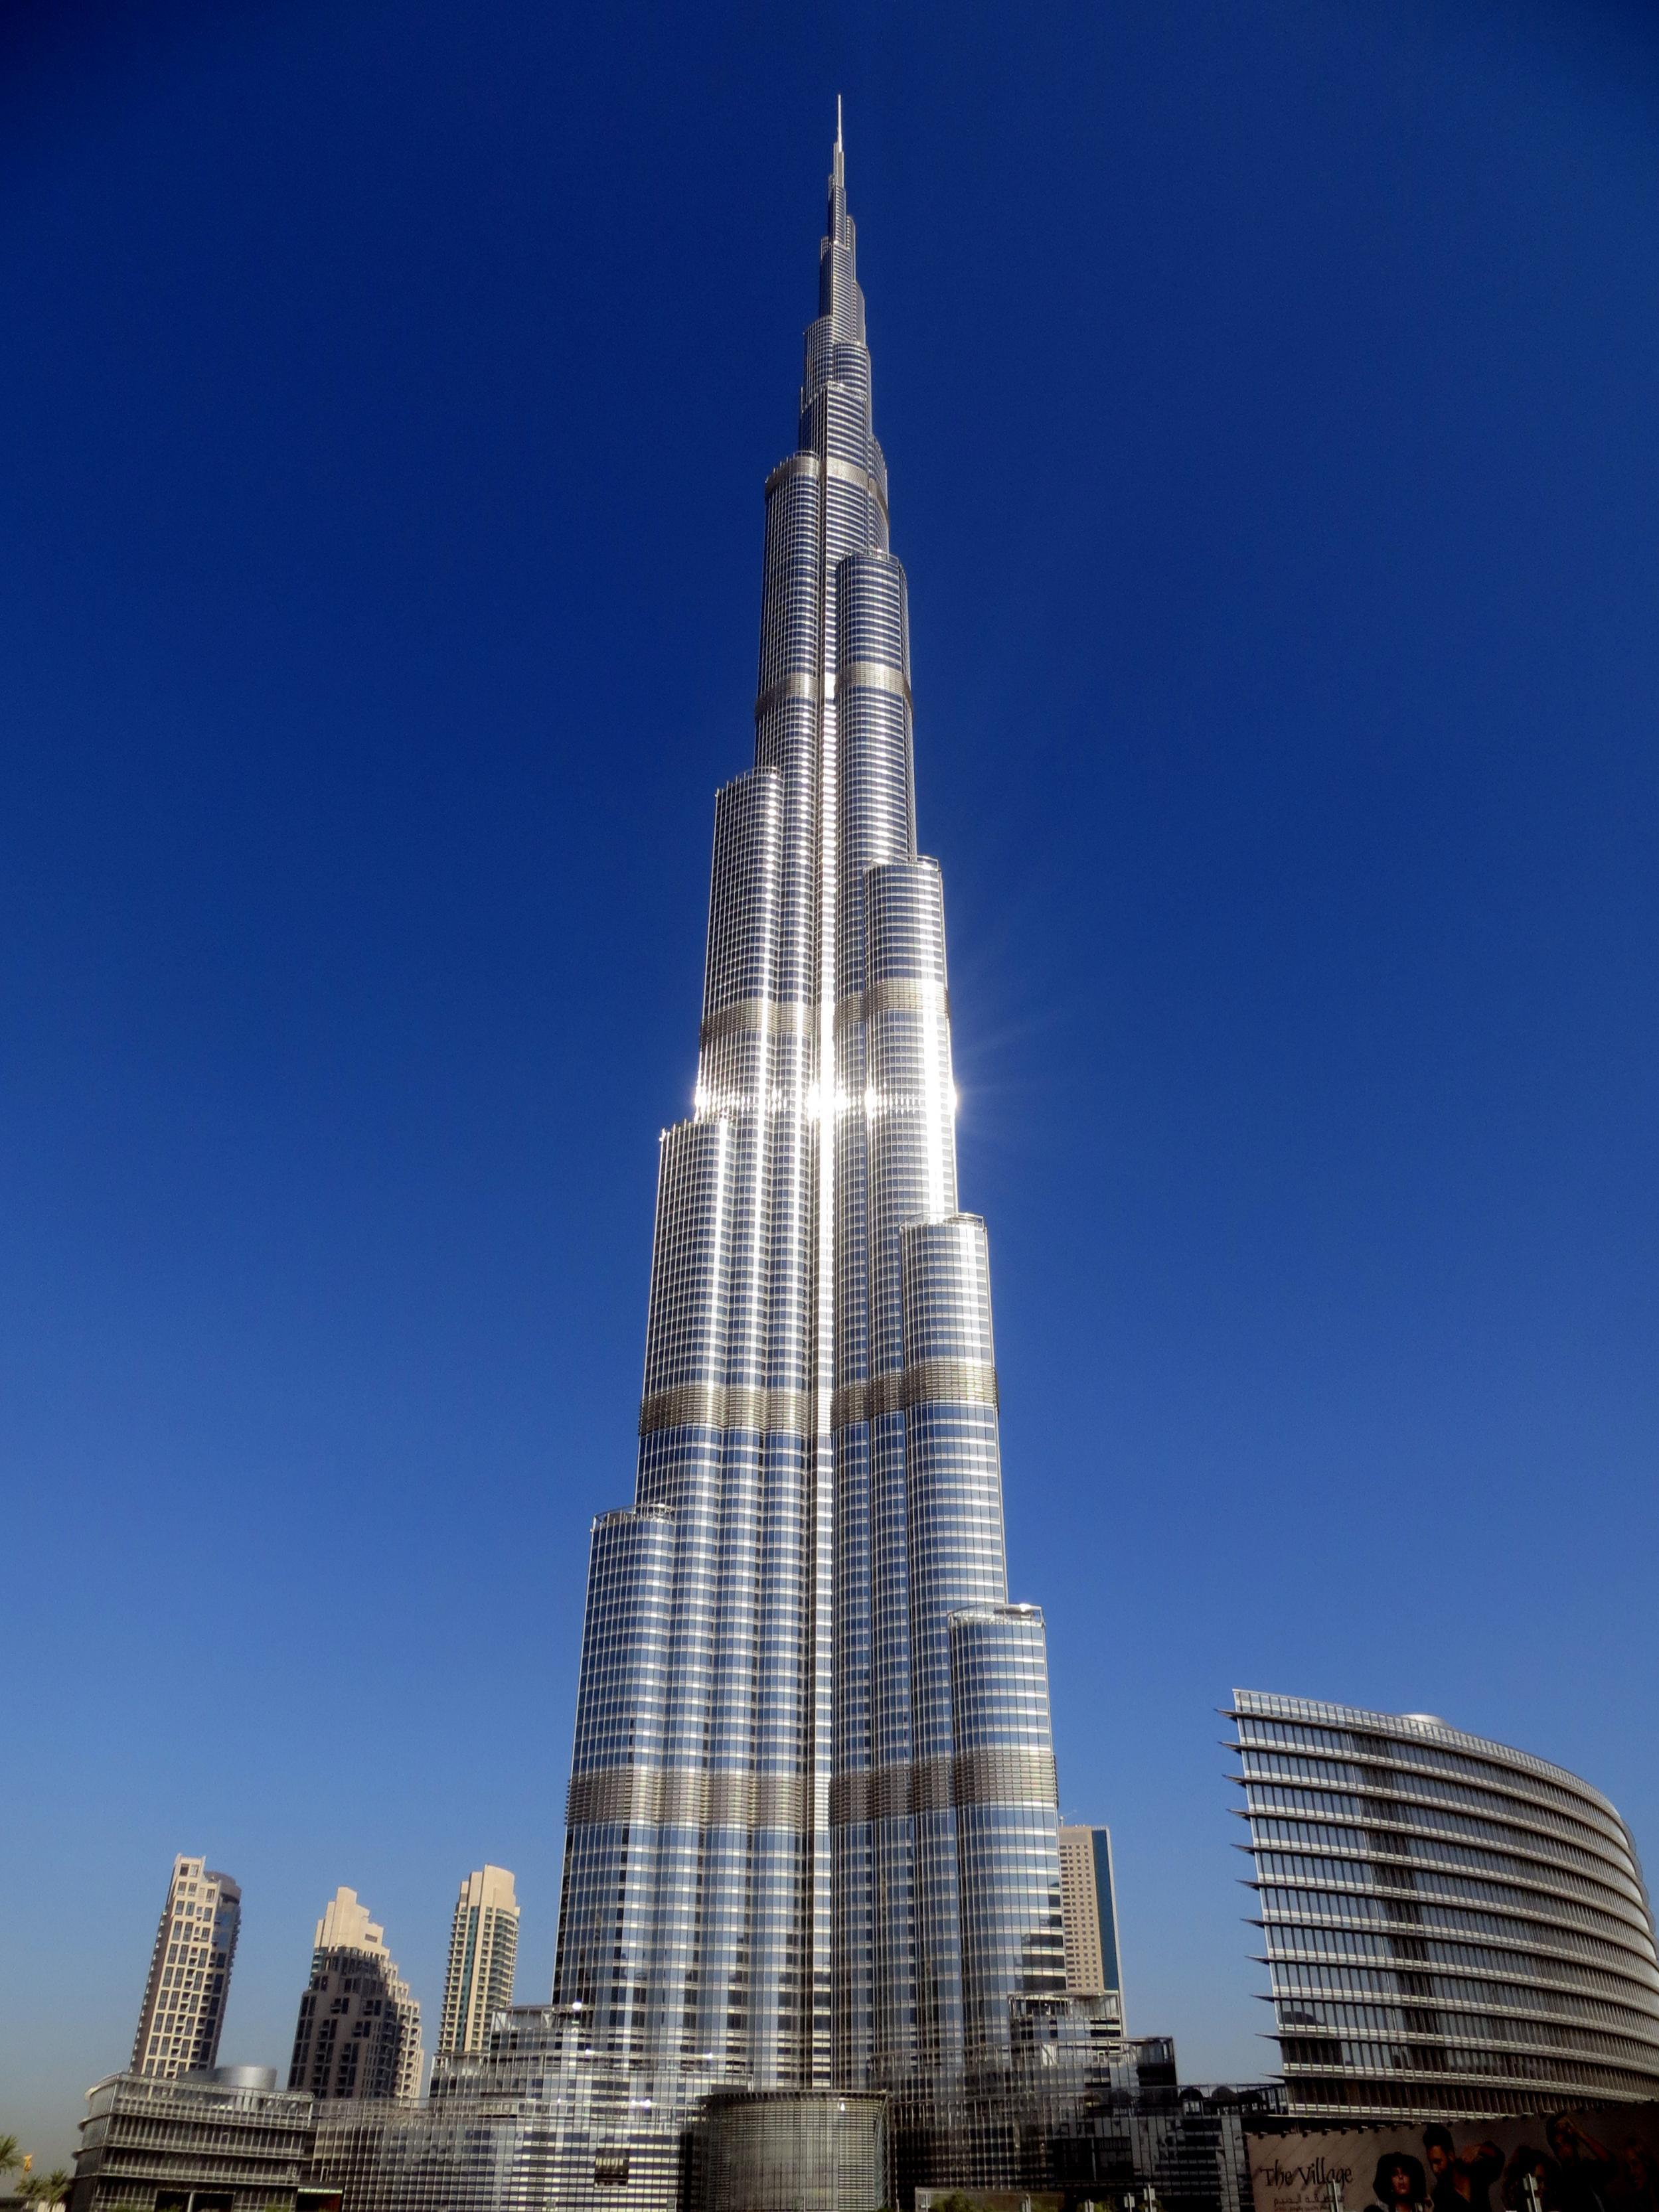 بالصور اطول برج في العالم , صور لاطول مباني في العالم 1459 2